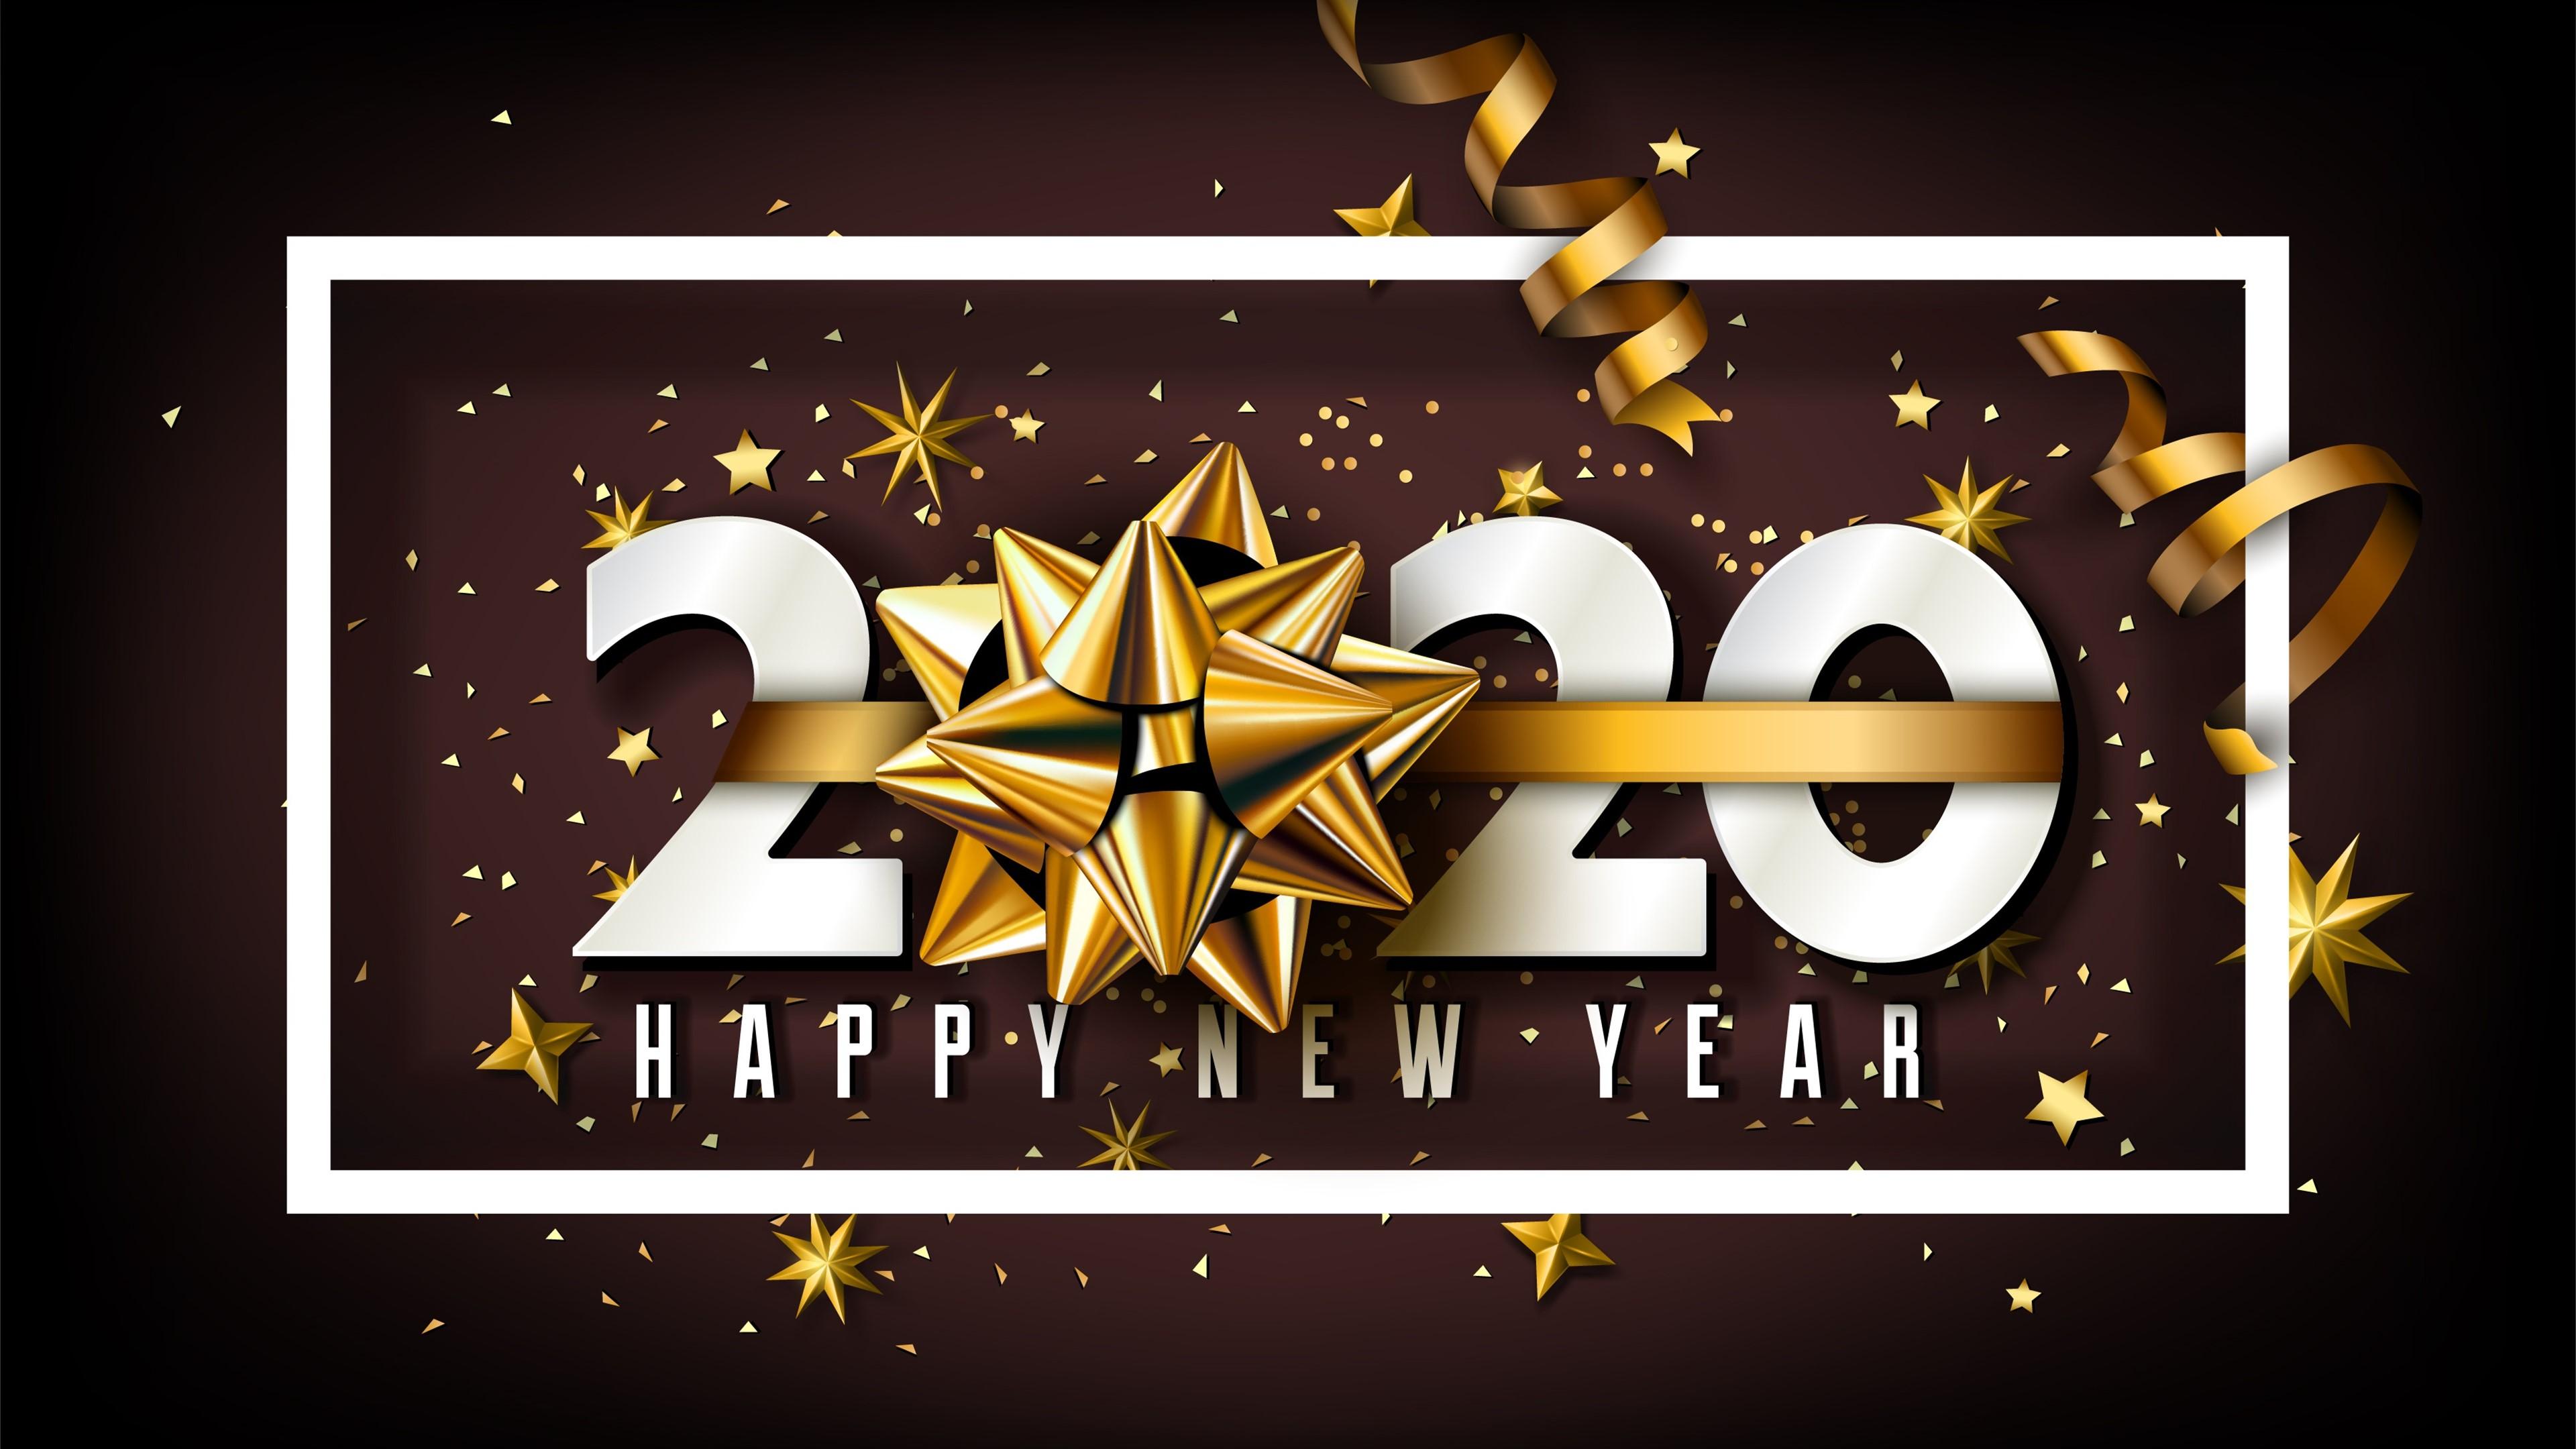 4K Golden New Year 2020 HD Desktop Wallpaper 48708   Baltana 3840x2160